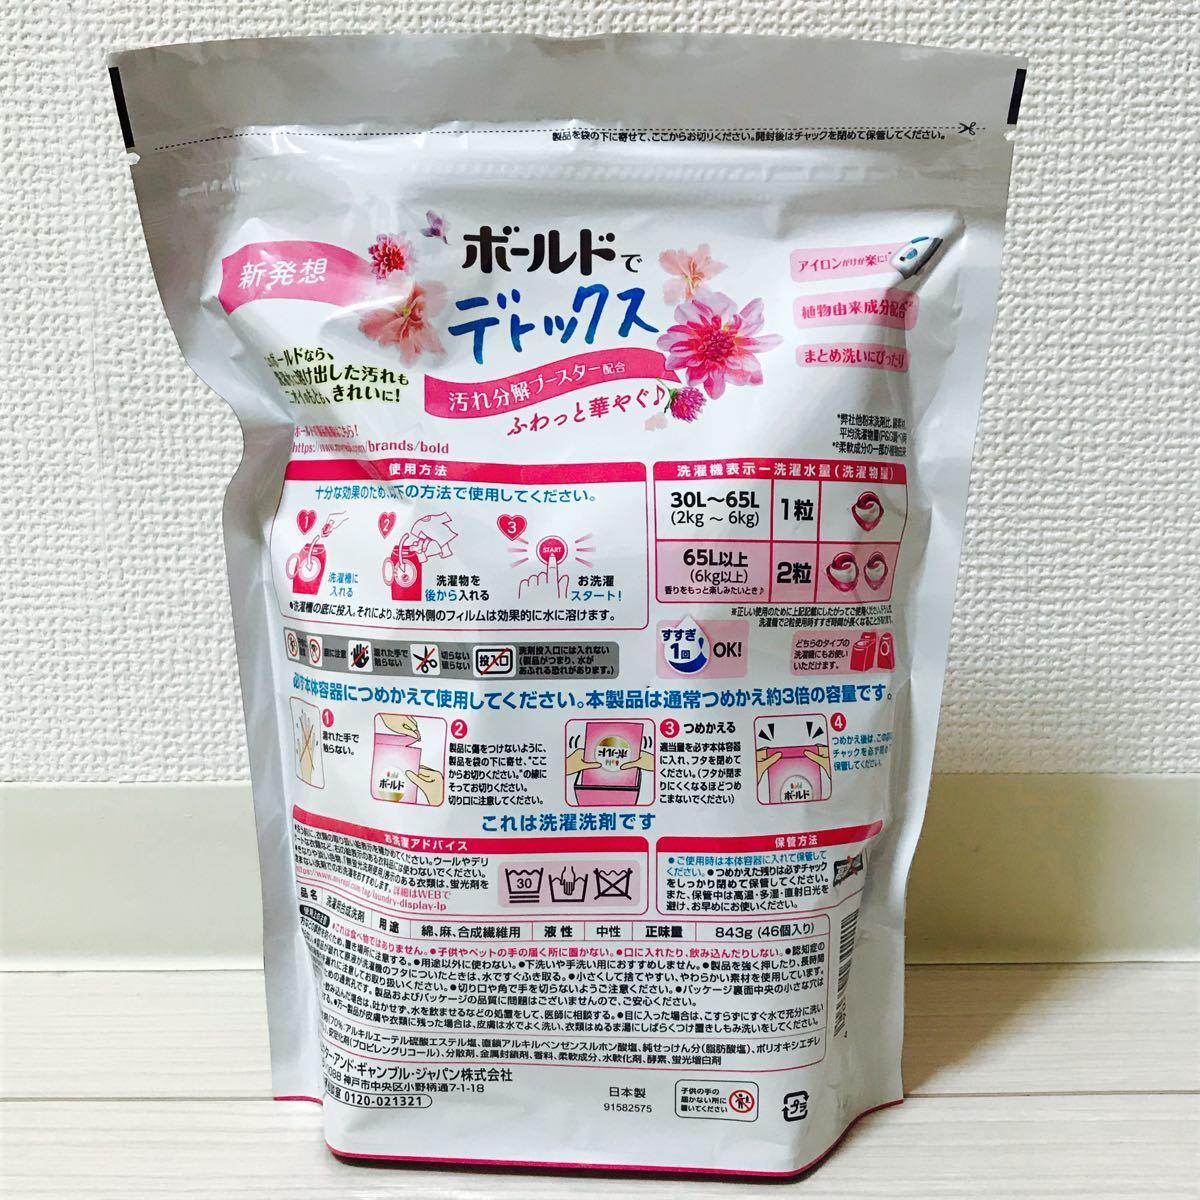 アリエール ジェルボール3D プレミアムブロッサムの香り 超ジャンボサイズ 2袋